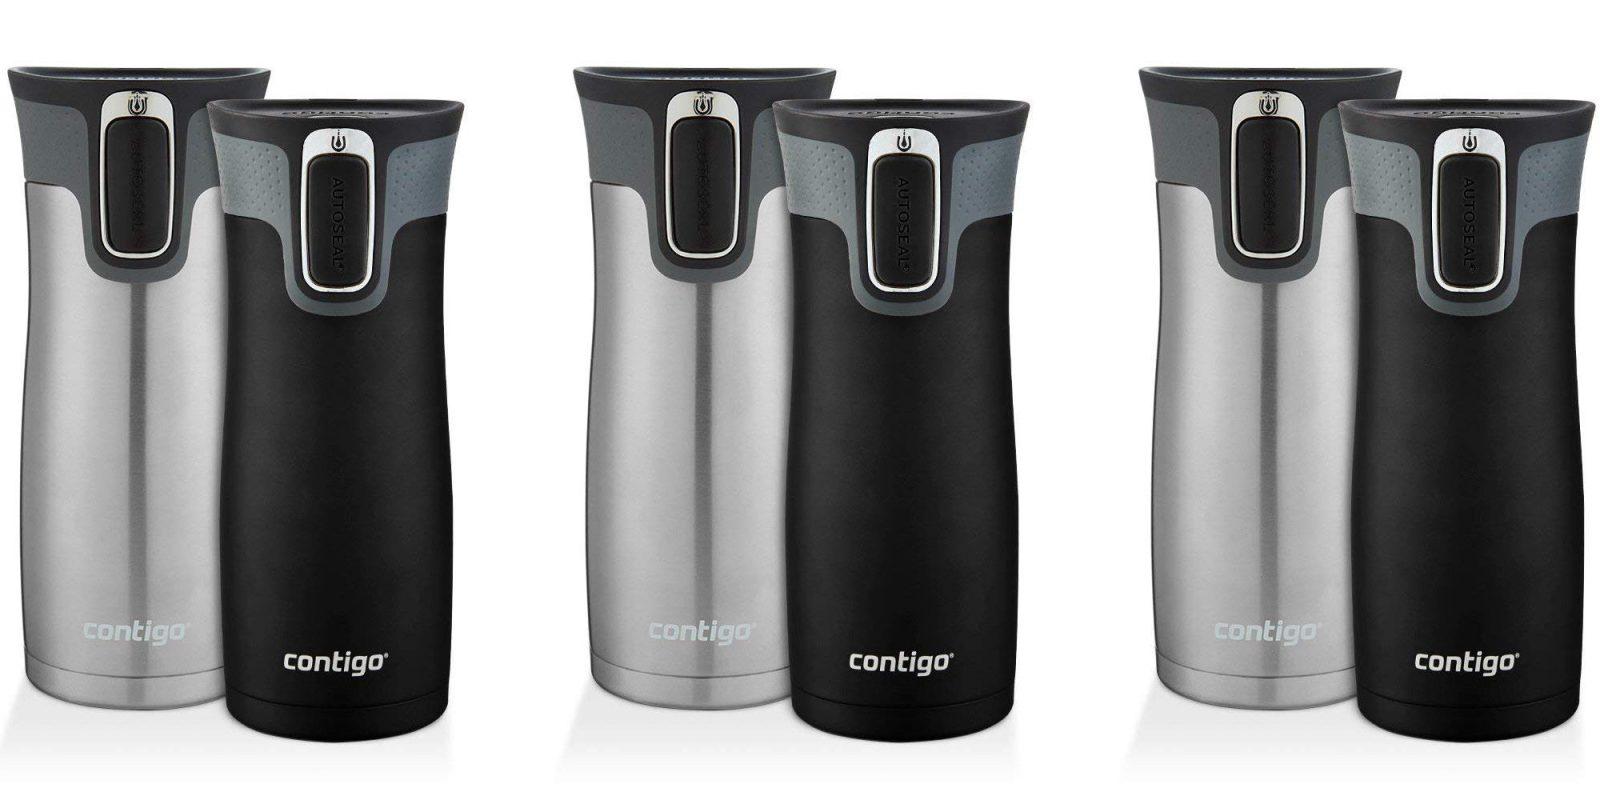 The popular Contigo AUTOSEAL coffee mug hits an Amazon low at $8.50